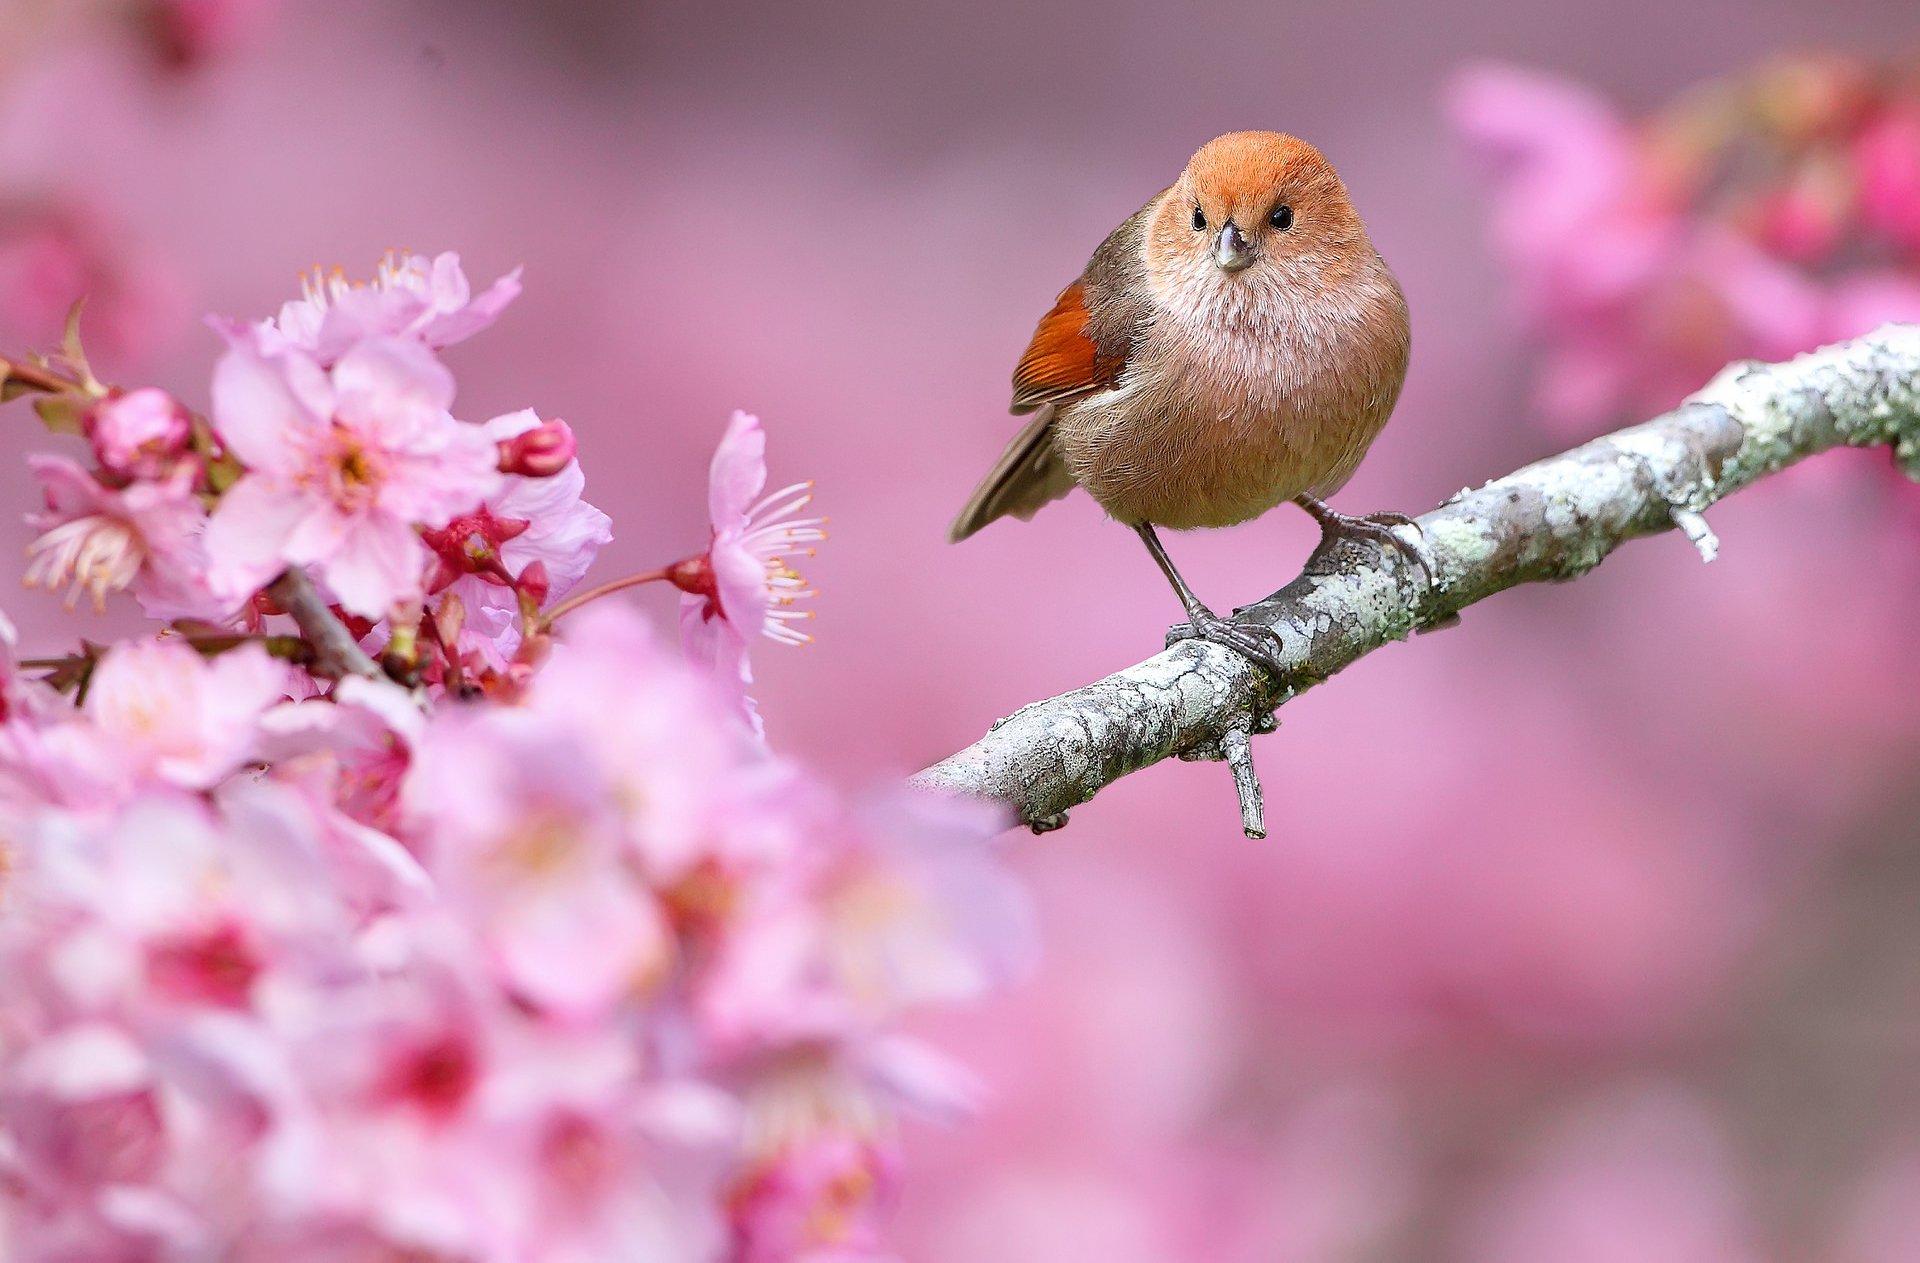 Картинки, картинки на телефон прикольные красивые для весны